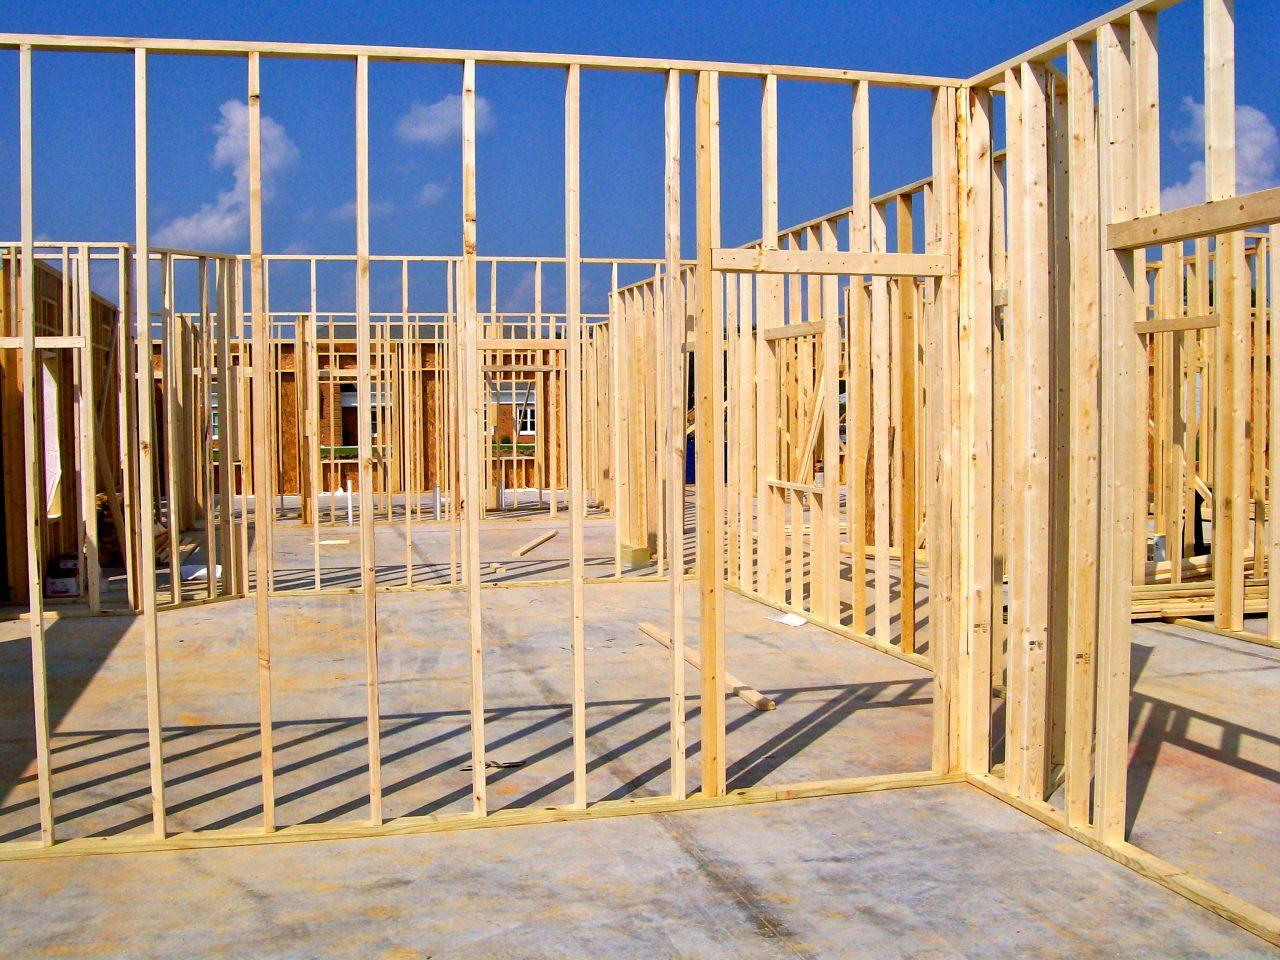 Valley builders llc custom home builder woodstock va for House framing 101